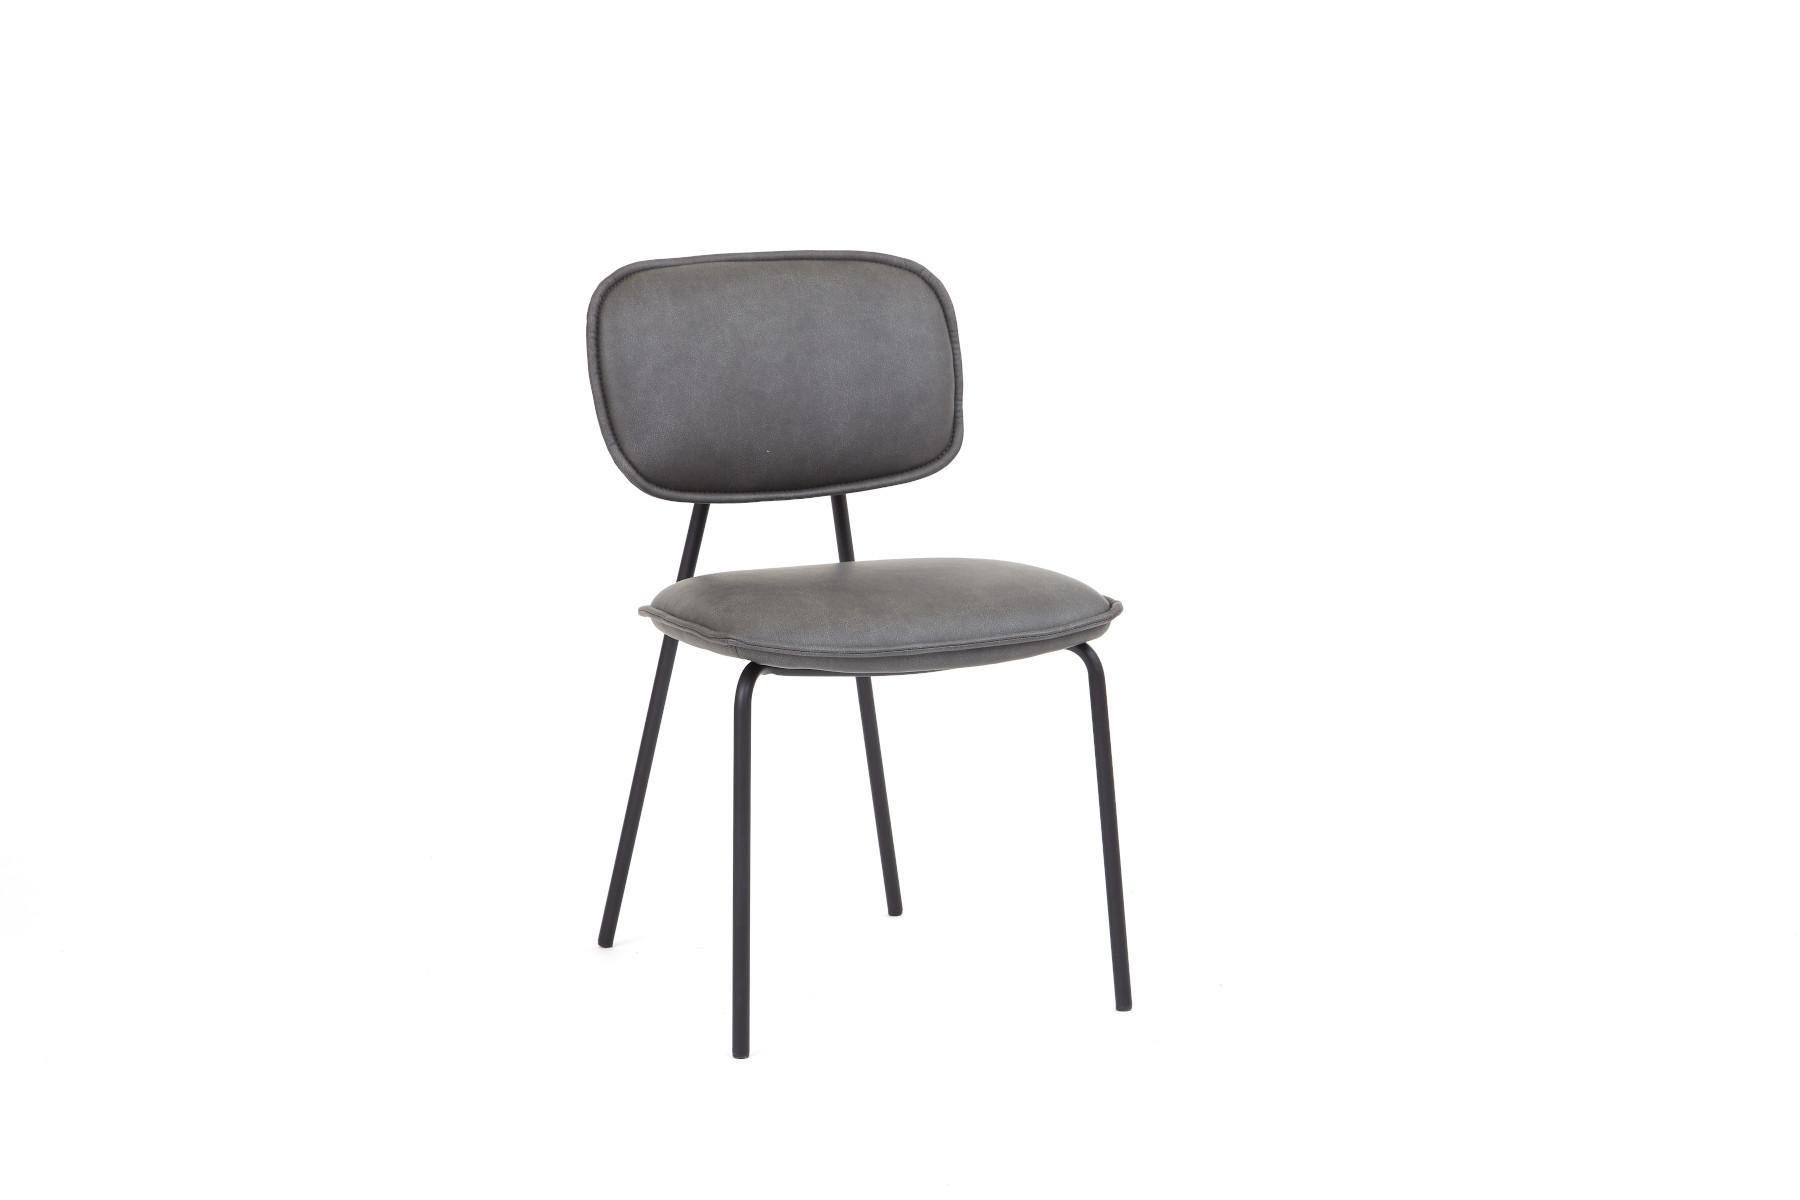 Logan Grey Dining Chair